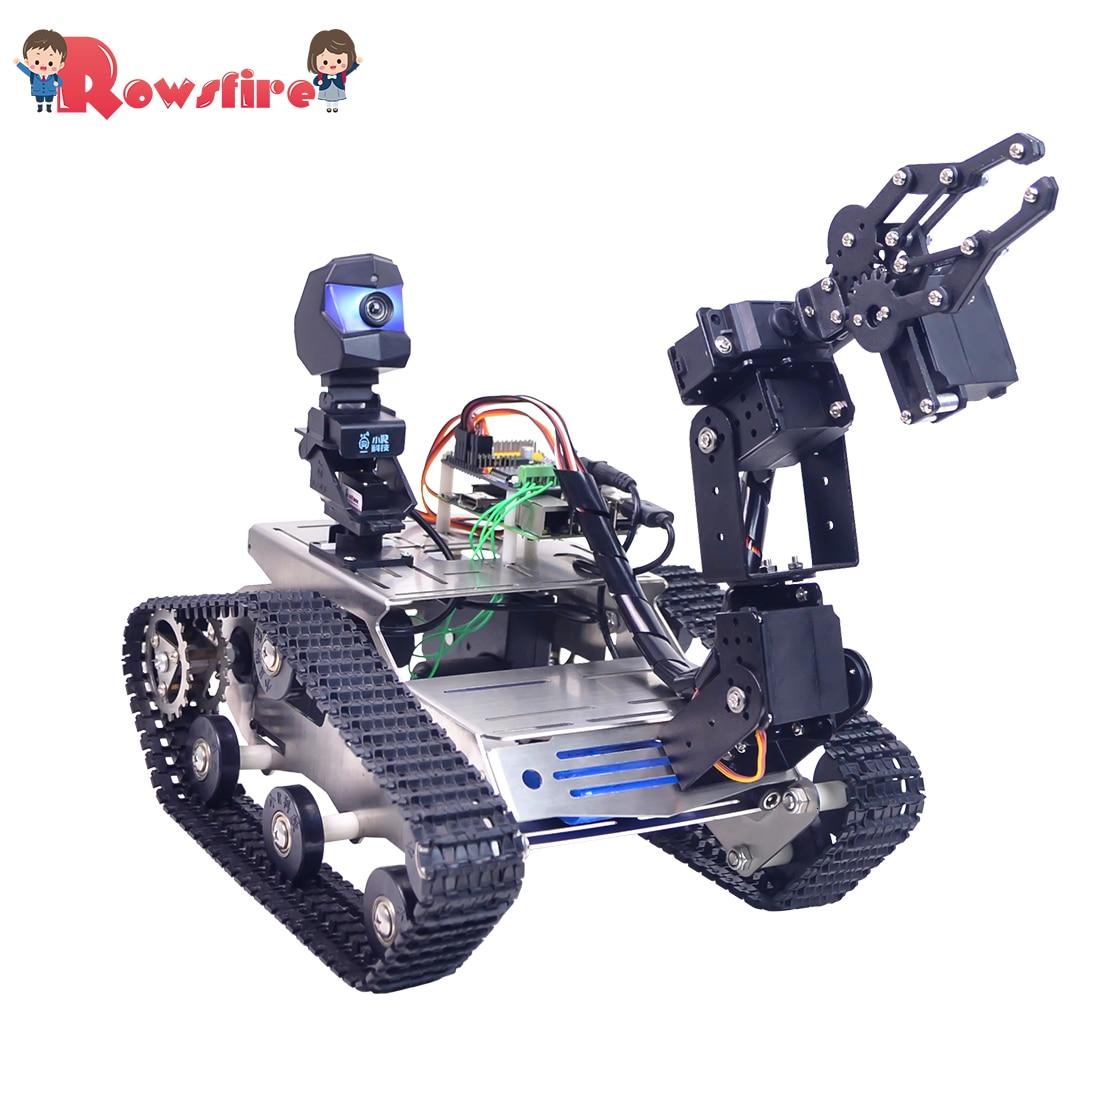 قابل للبرمجة TH WiFi FPV خزان سيارة روبوت عدة مع ذراع ل اردوينو ميجا القياسية الإصدار/تجنب النسخة الصغيرة/أكبر مخلب